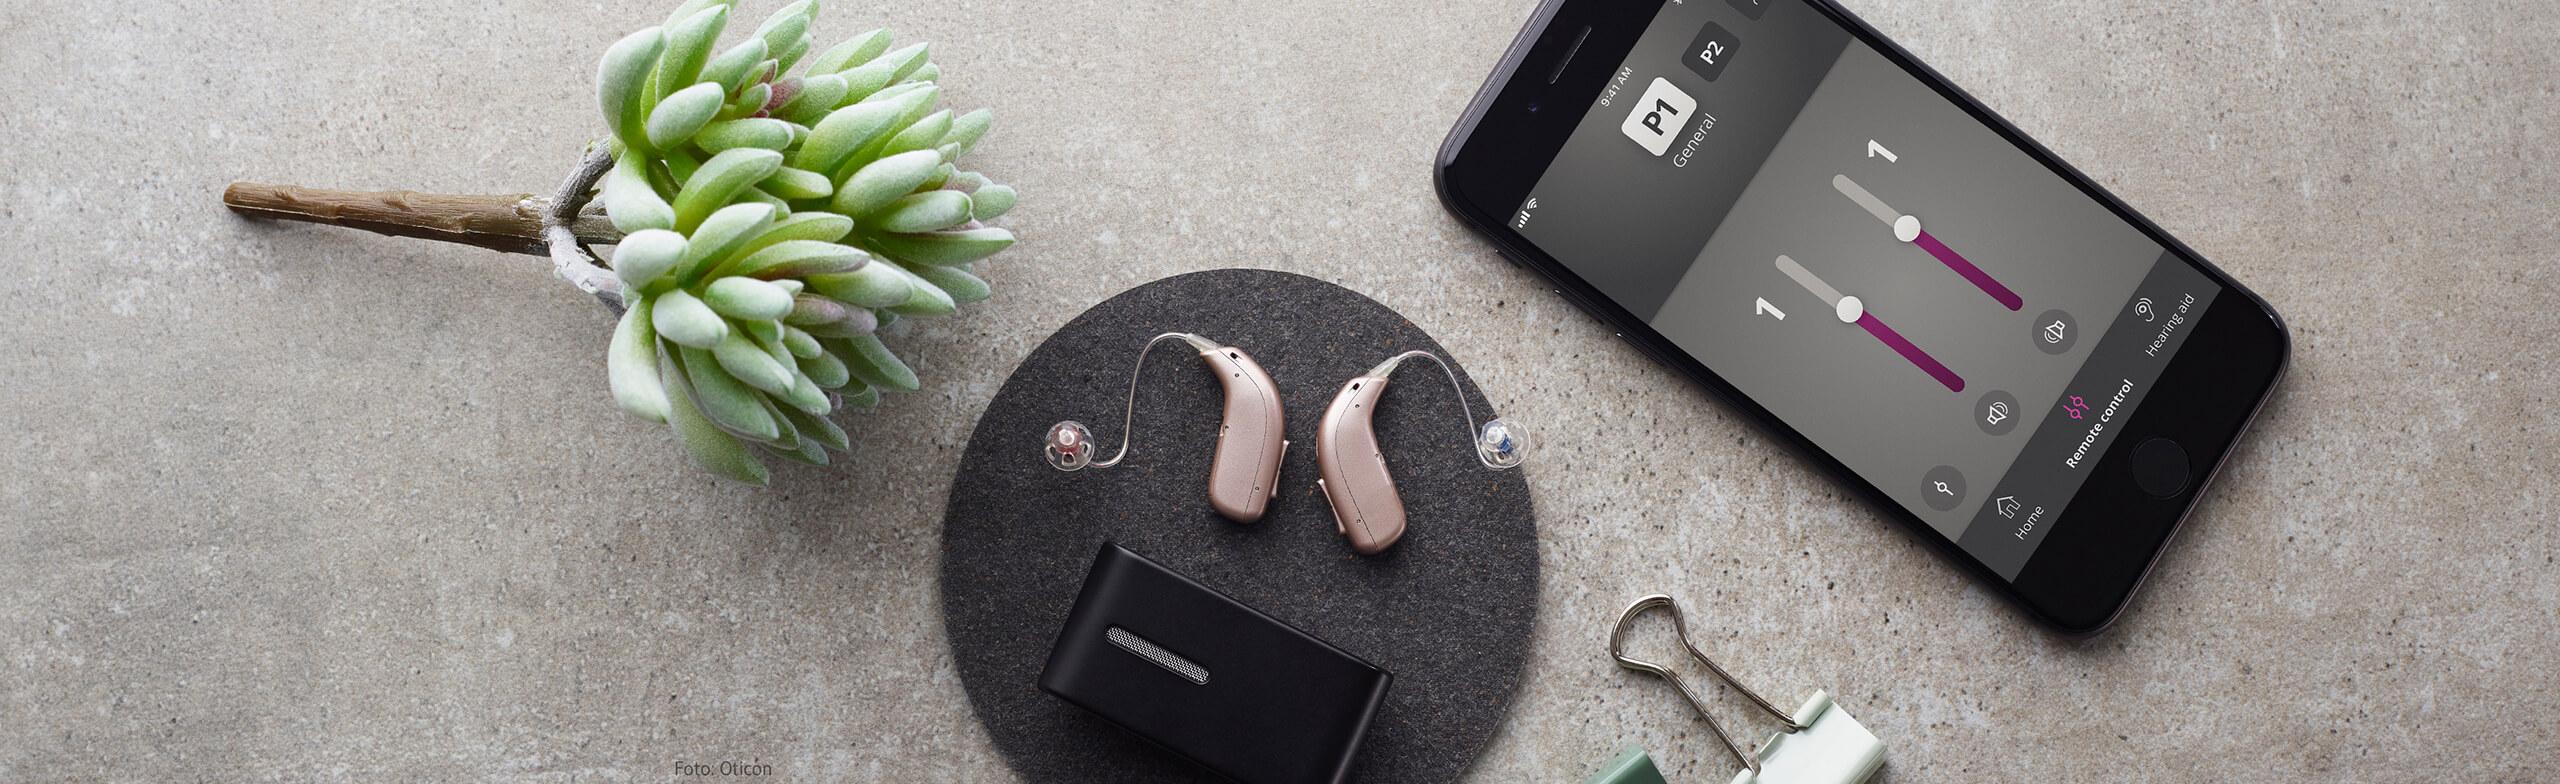 Oticon Opn S = wiederaufladbare Hörgeräte